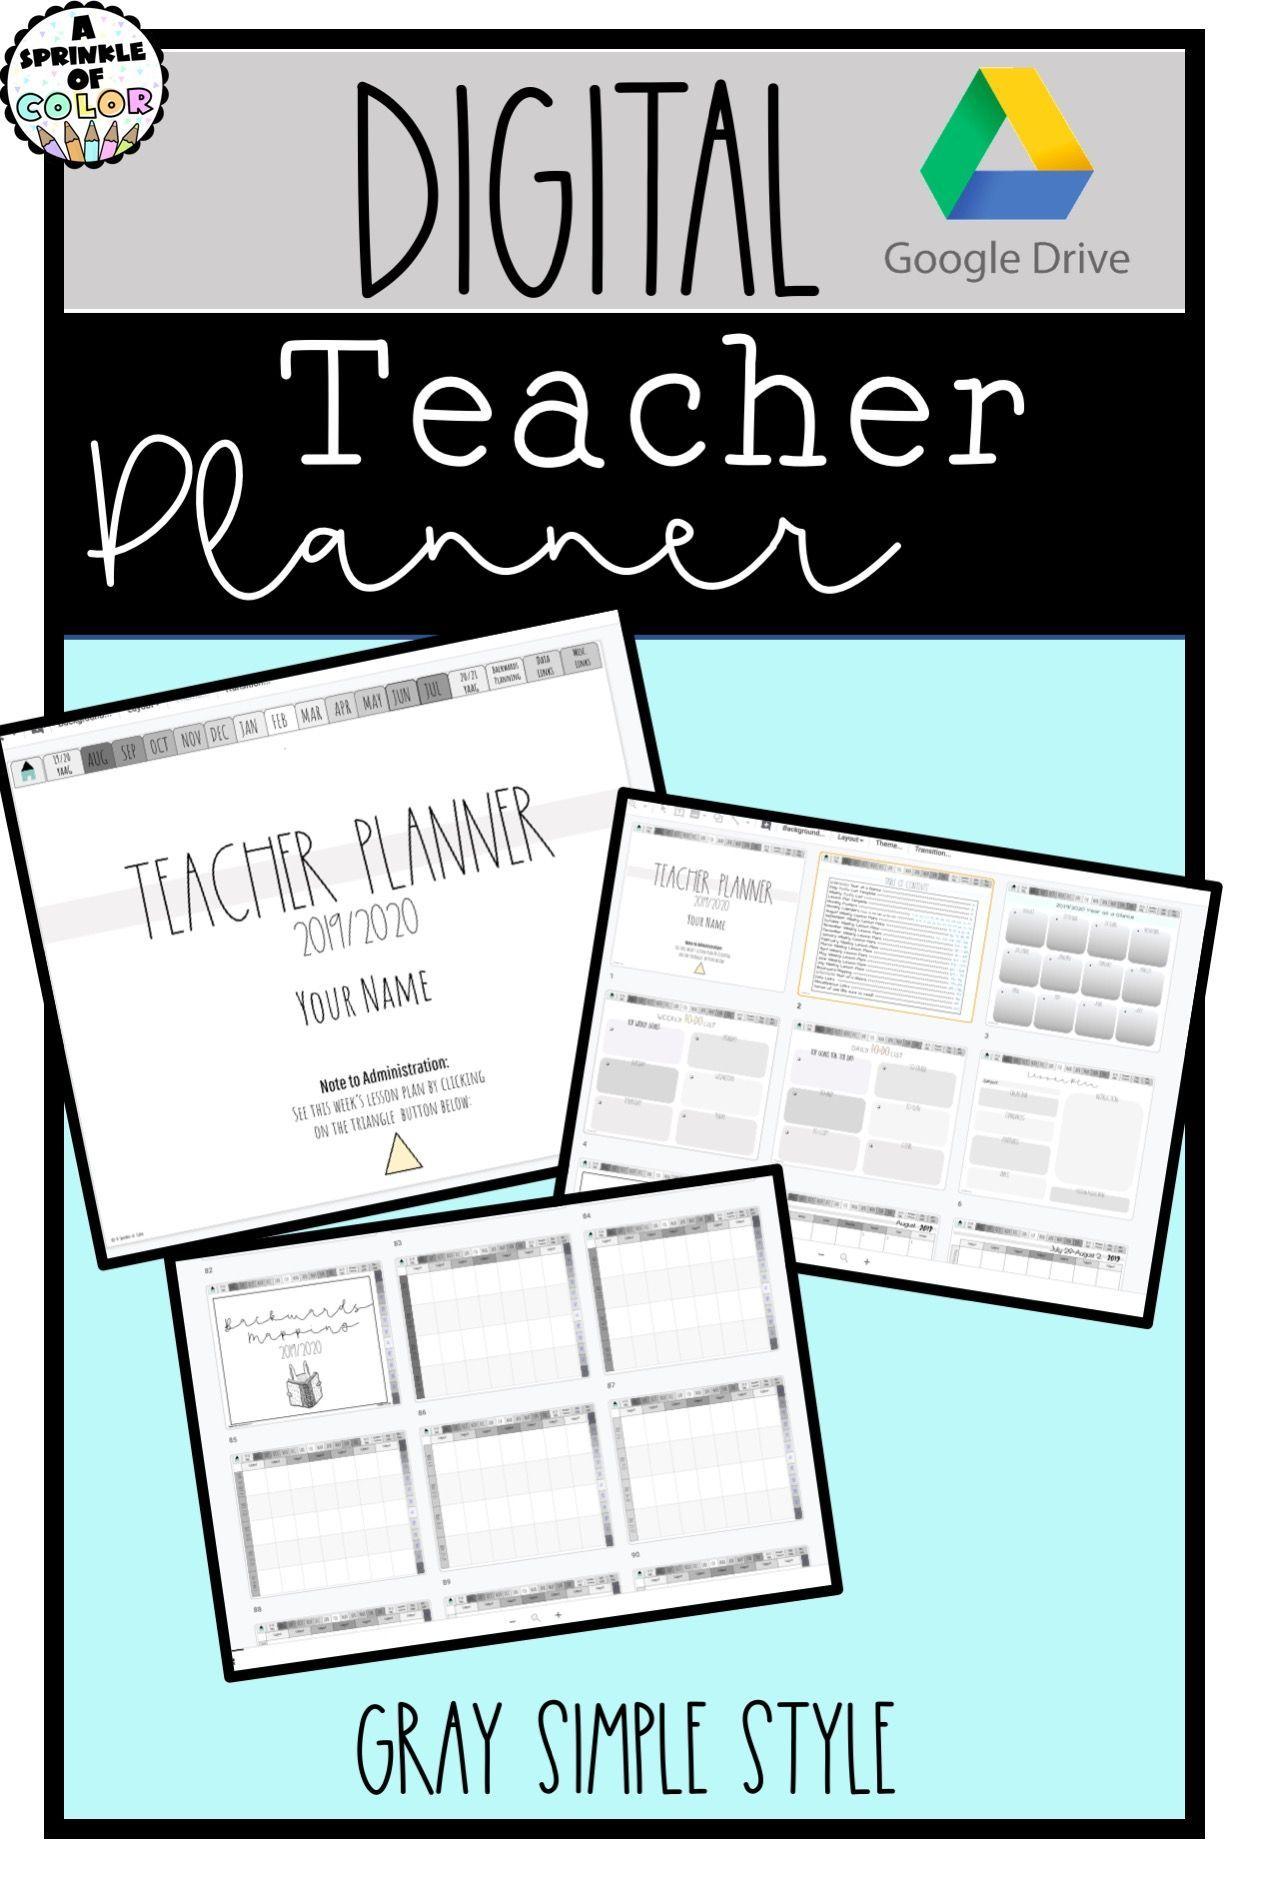 2019/20 Digital Teacher Planner on Google Slides. August